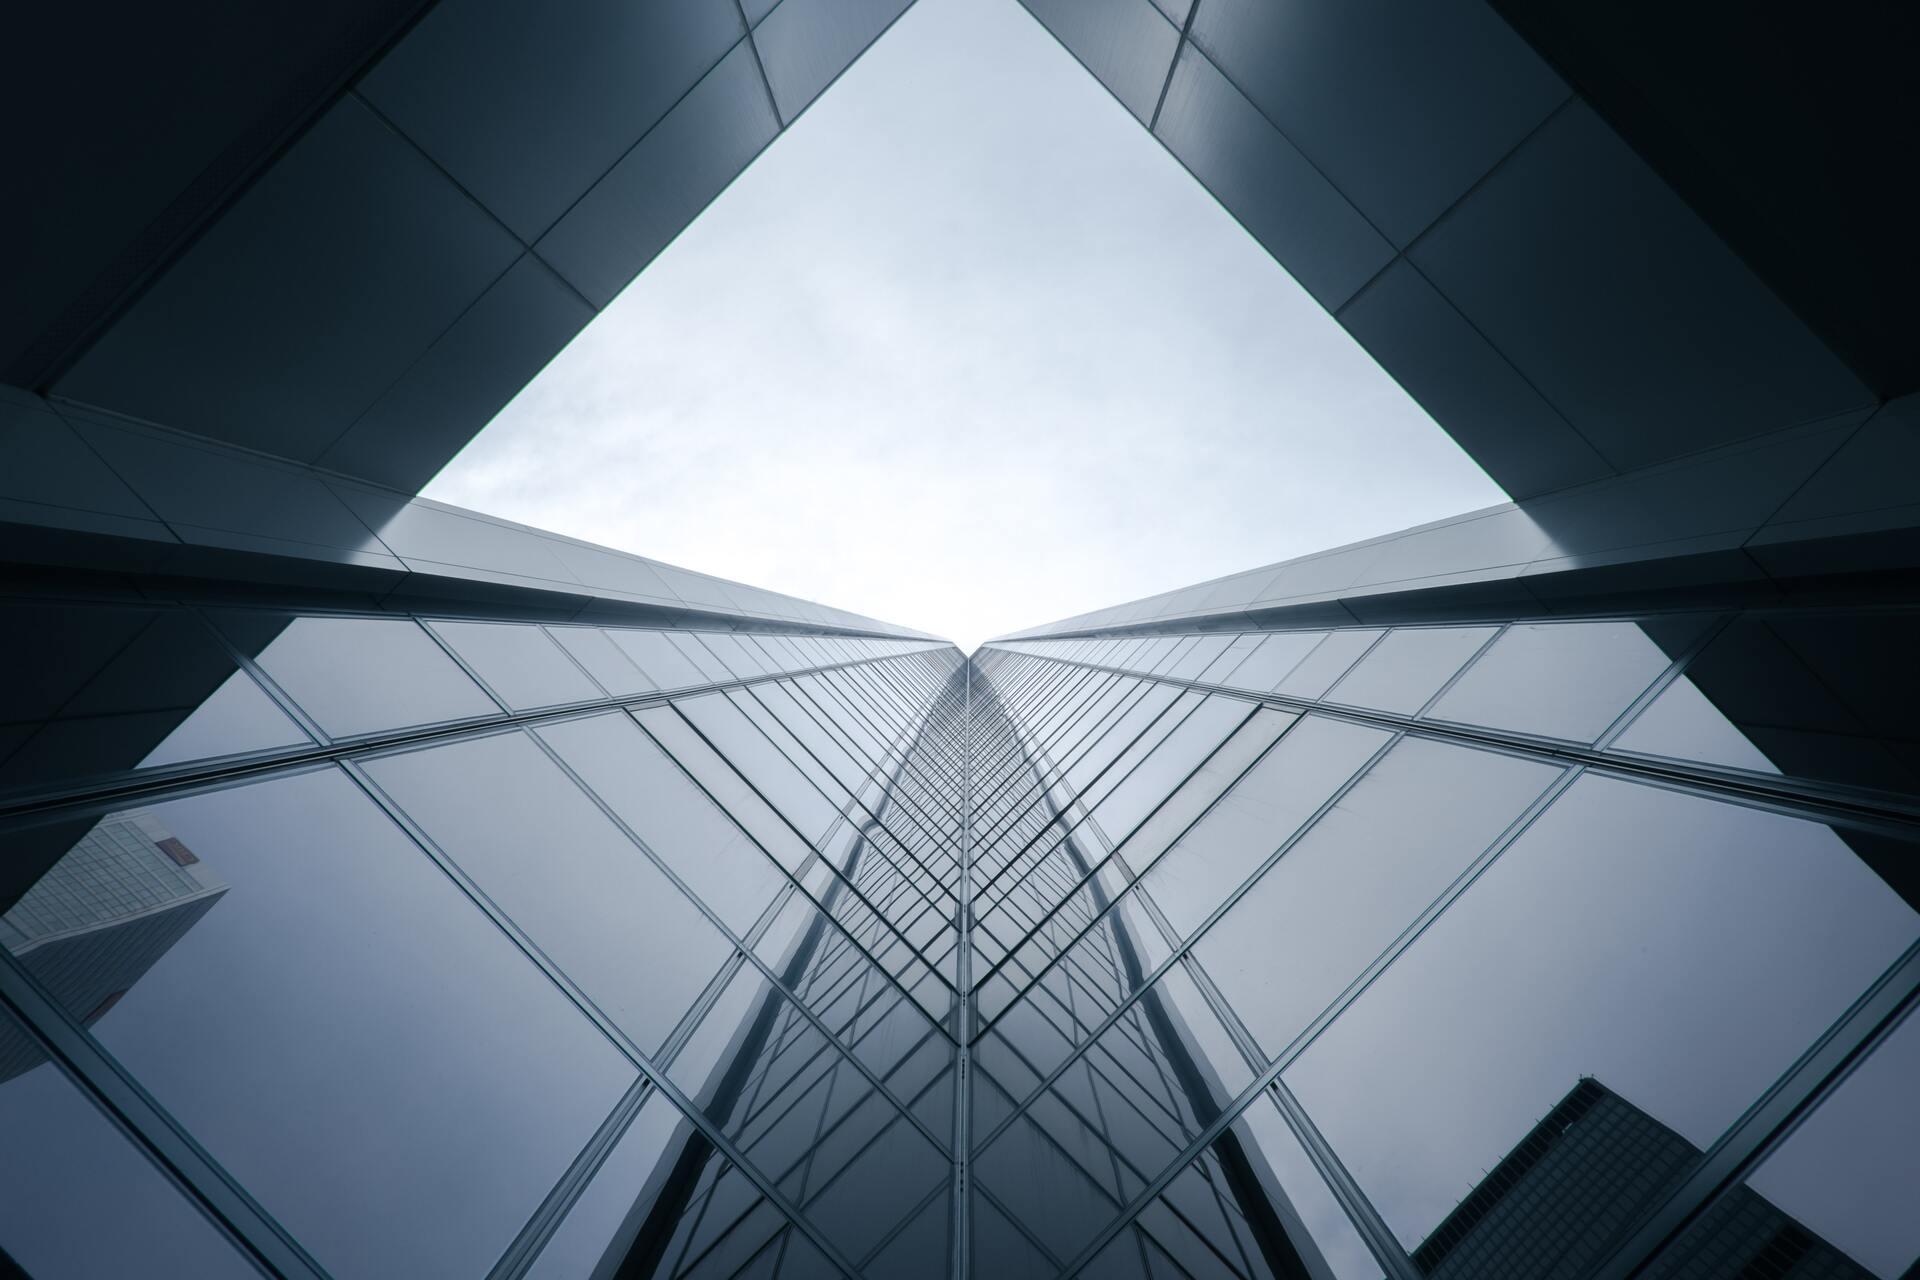 Cómo invertir hoy en el mercado inmobiliario del futuro